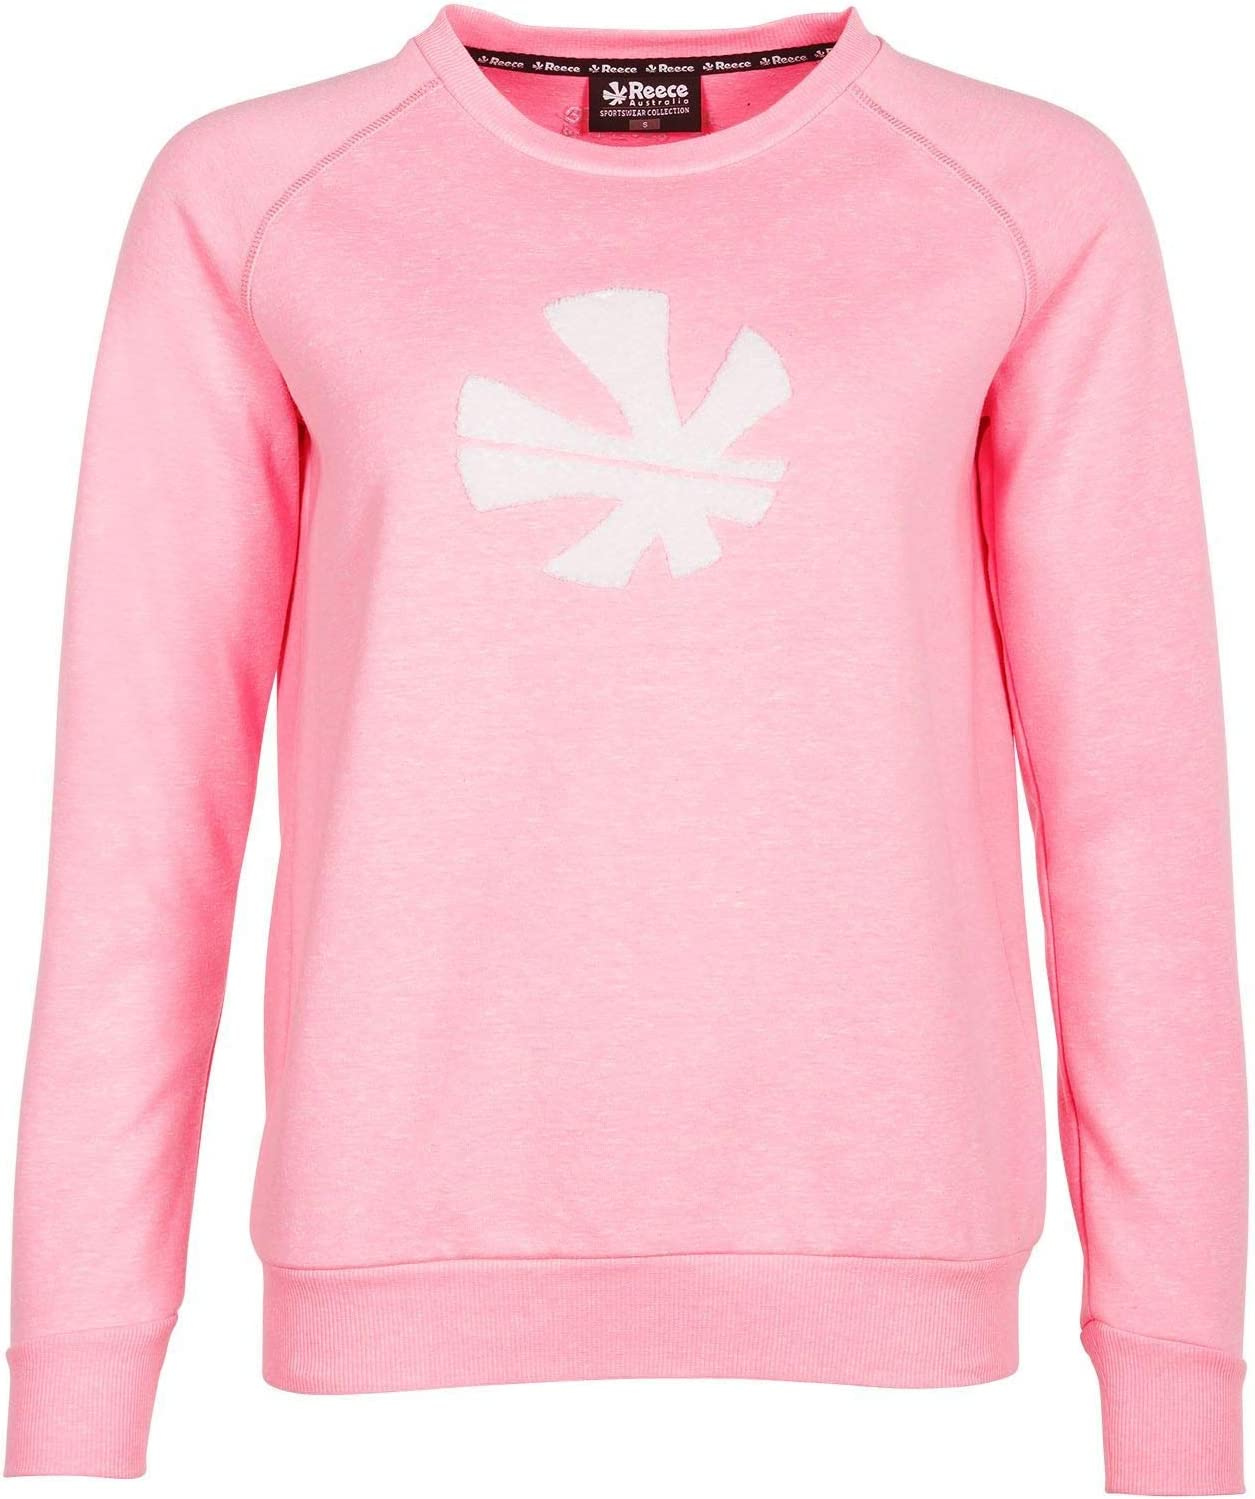 Reece Australia Classic Sweat Top Rundhals Damen pink